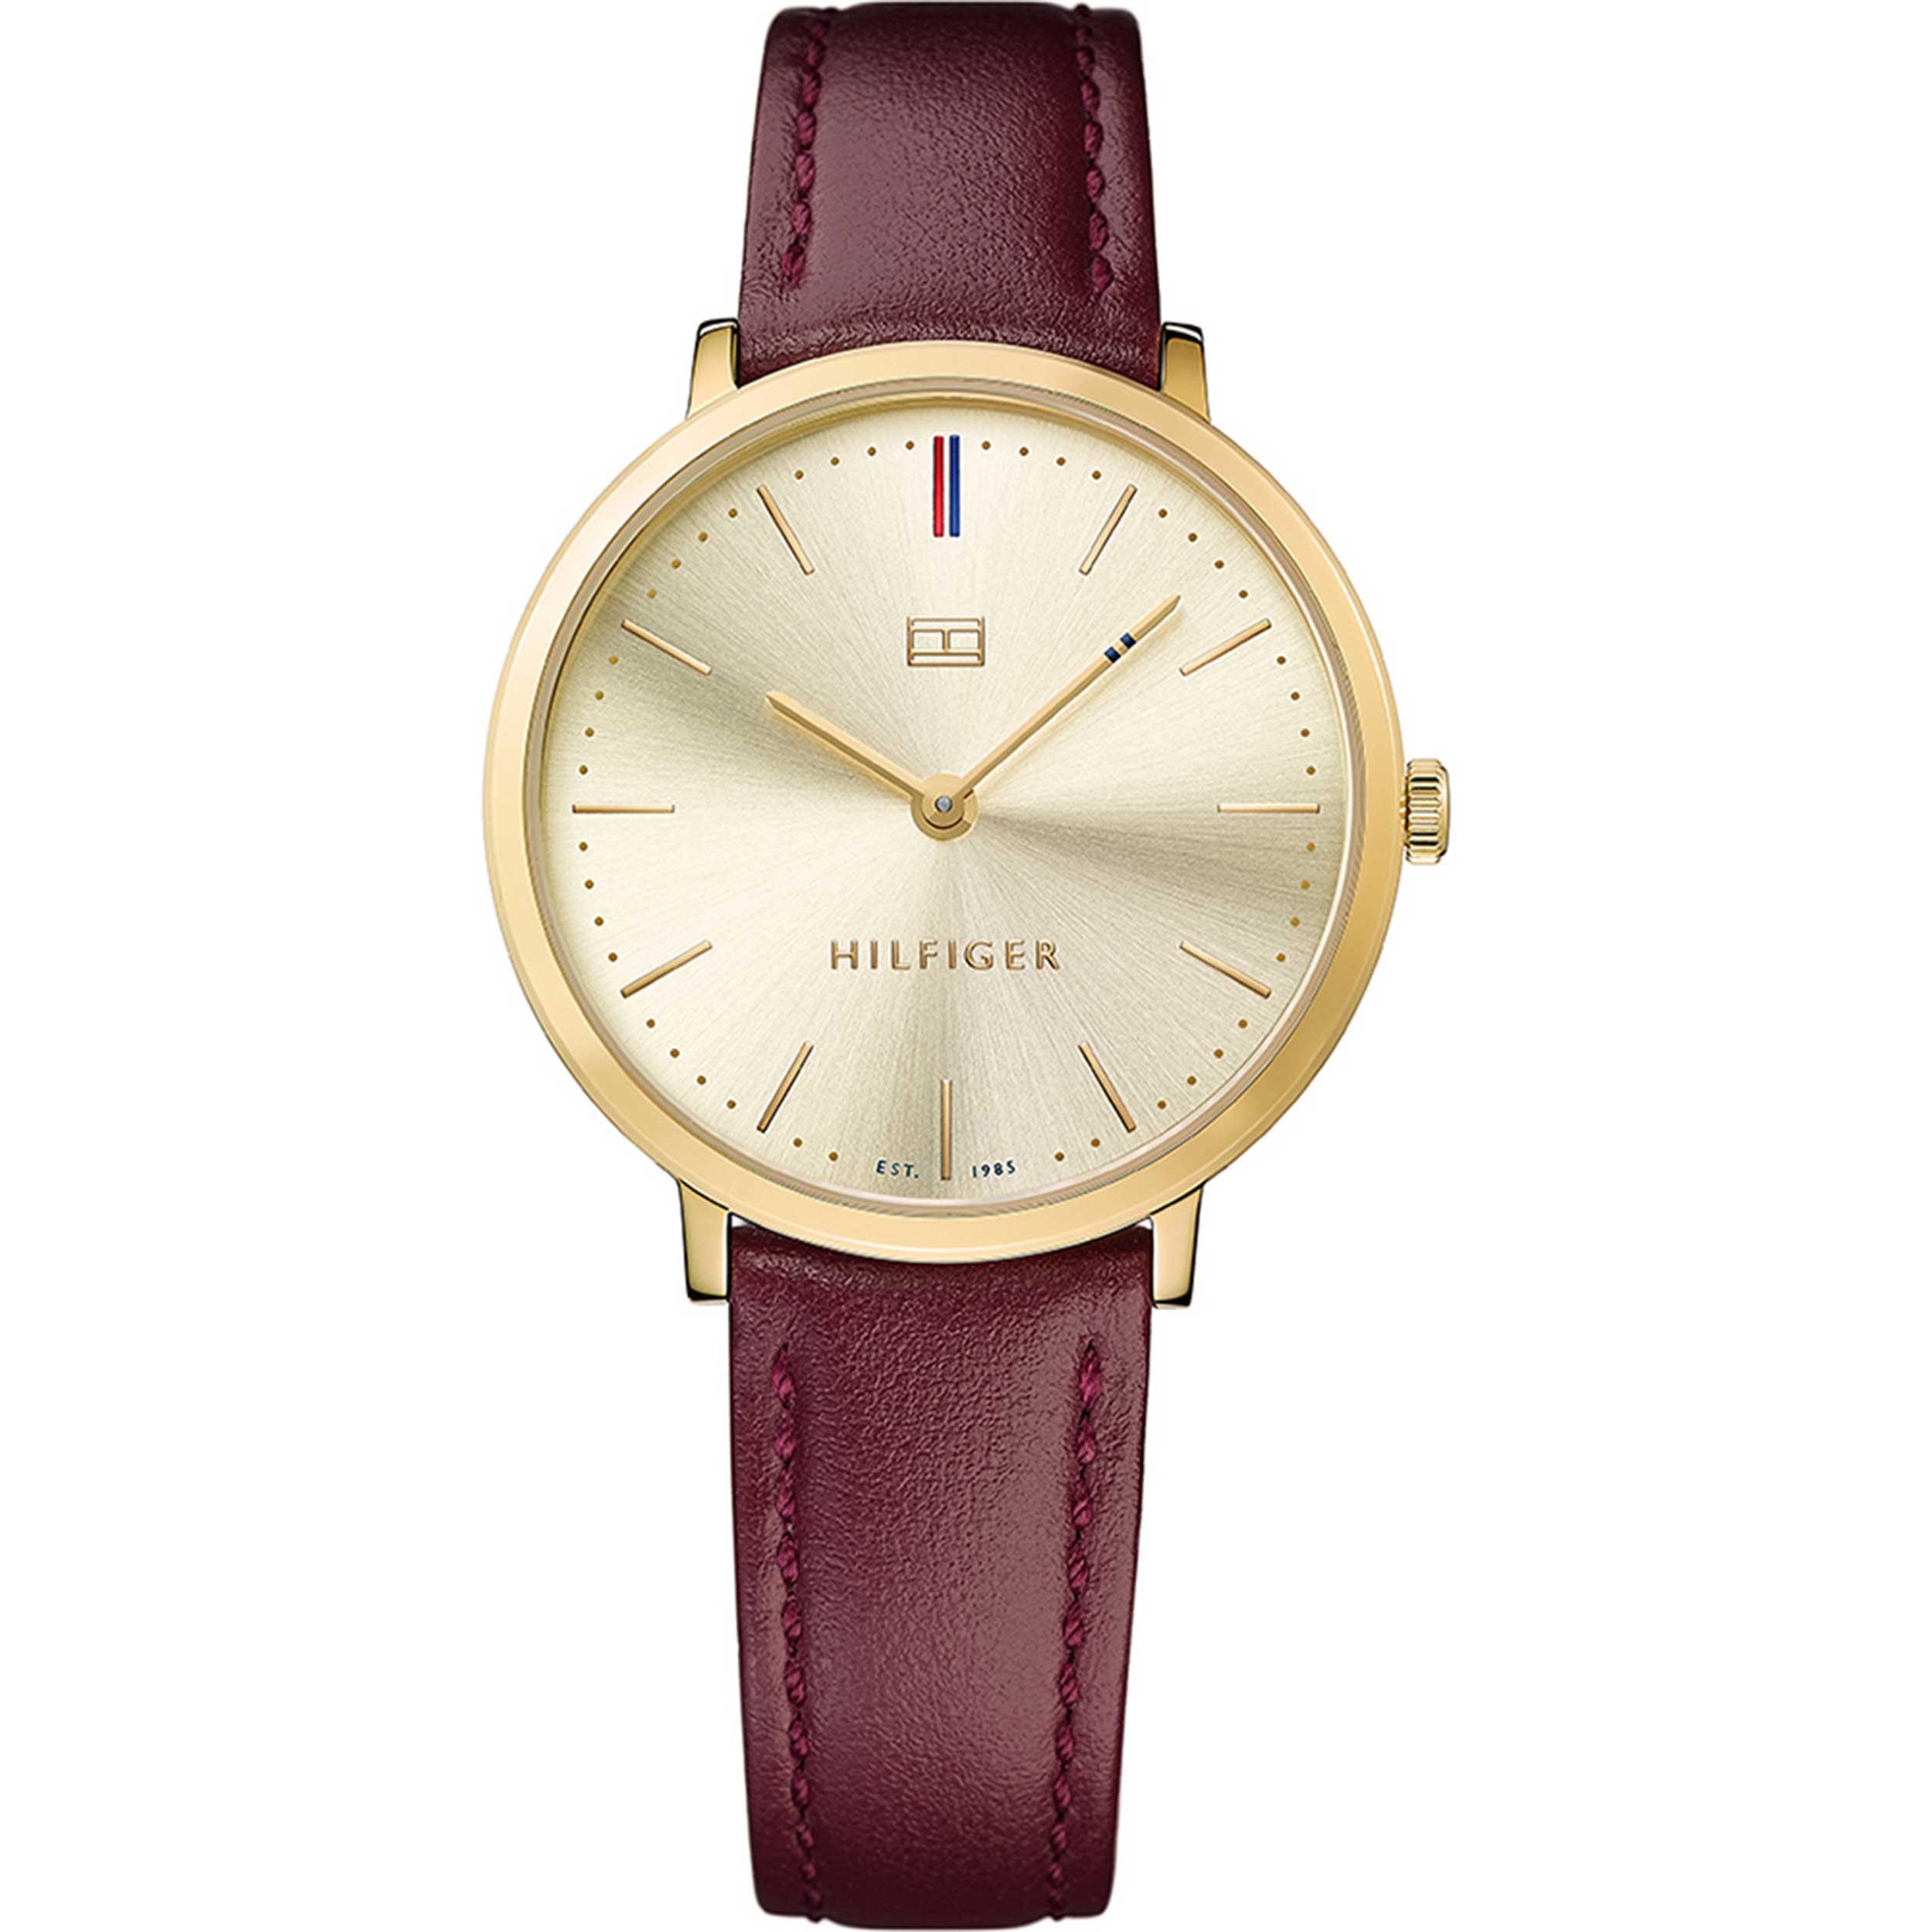 ساعت مچی عقربه ای زنانه تامی هیلفیگر مدل 1781692              ارزان